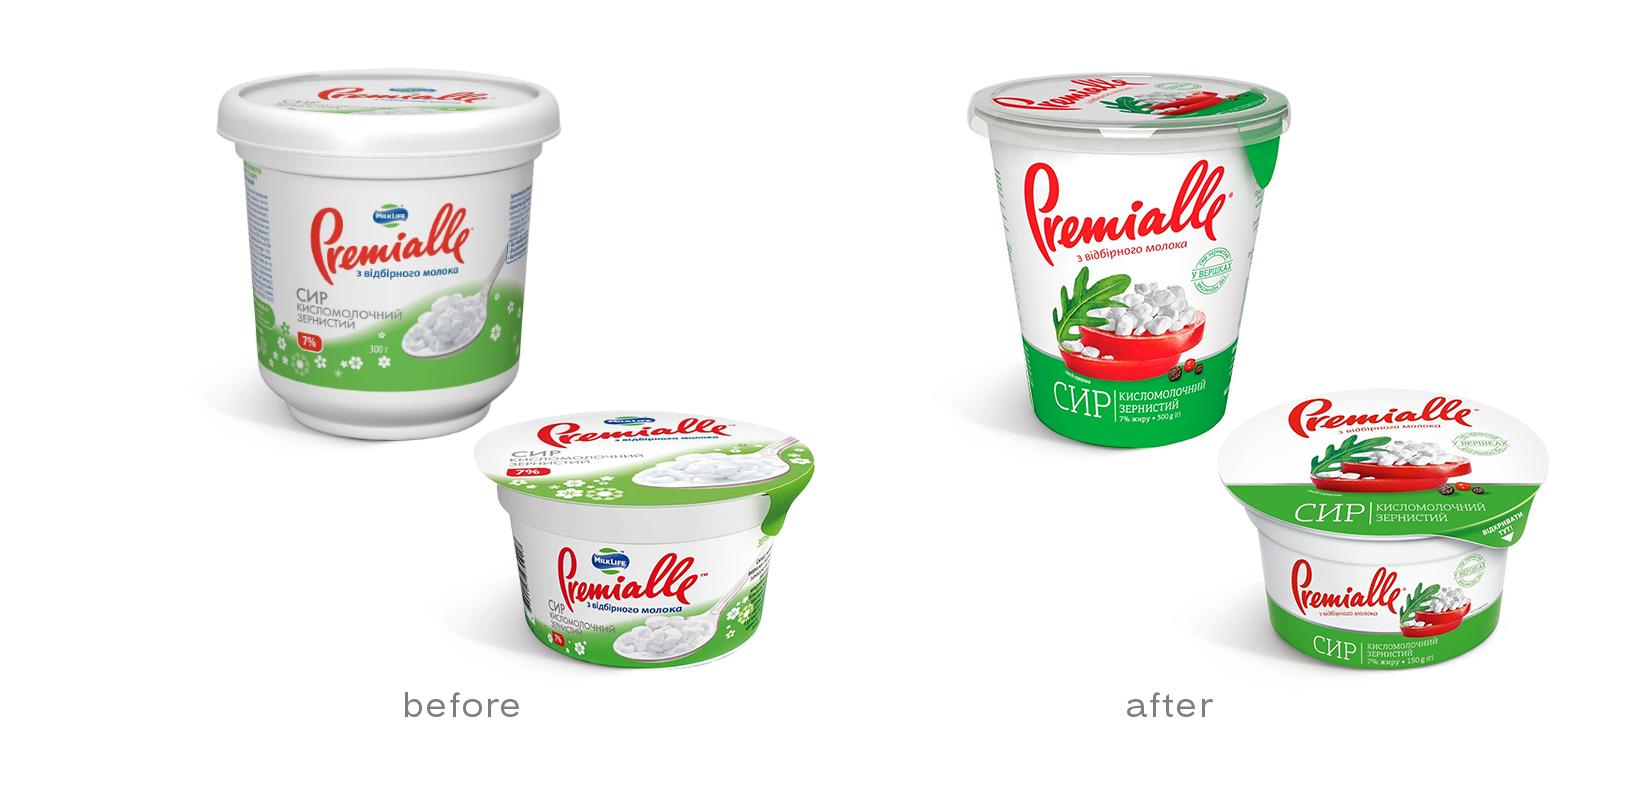 упаковка до и после Premialle